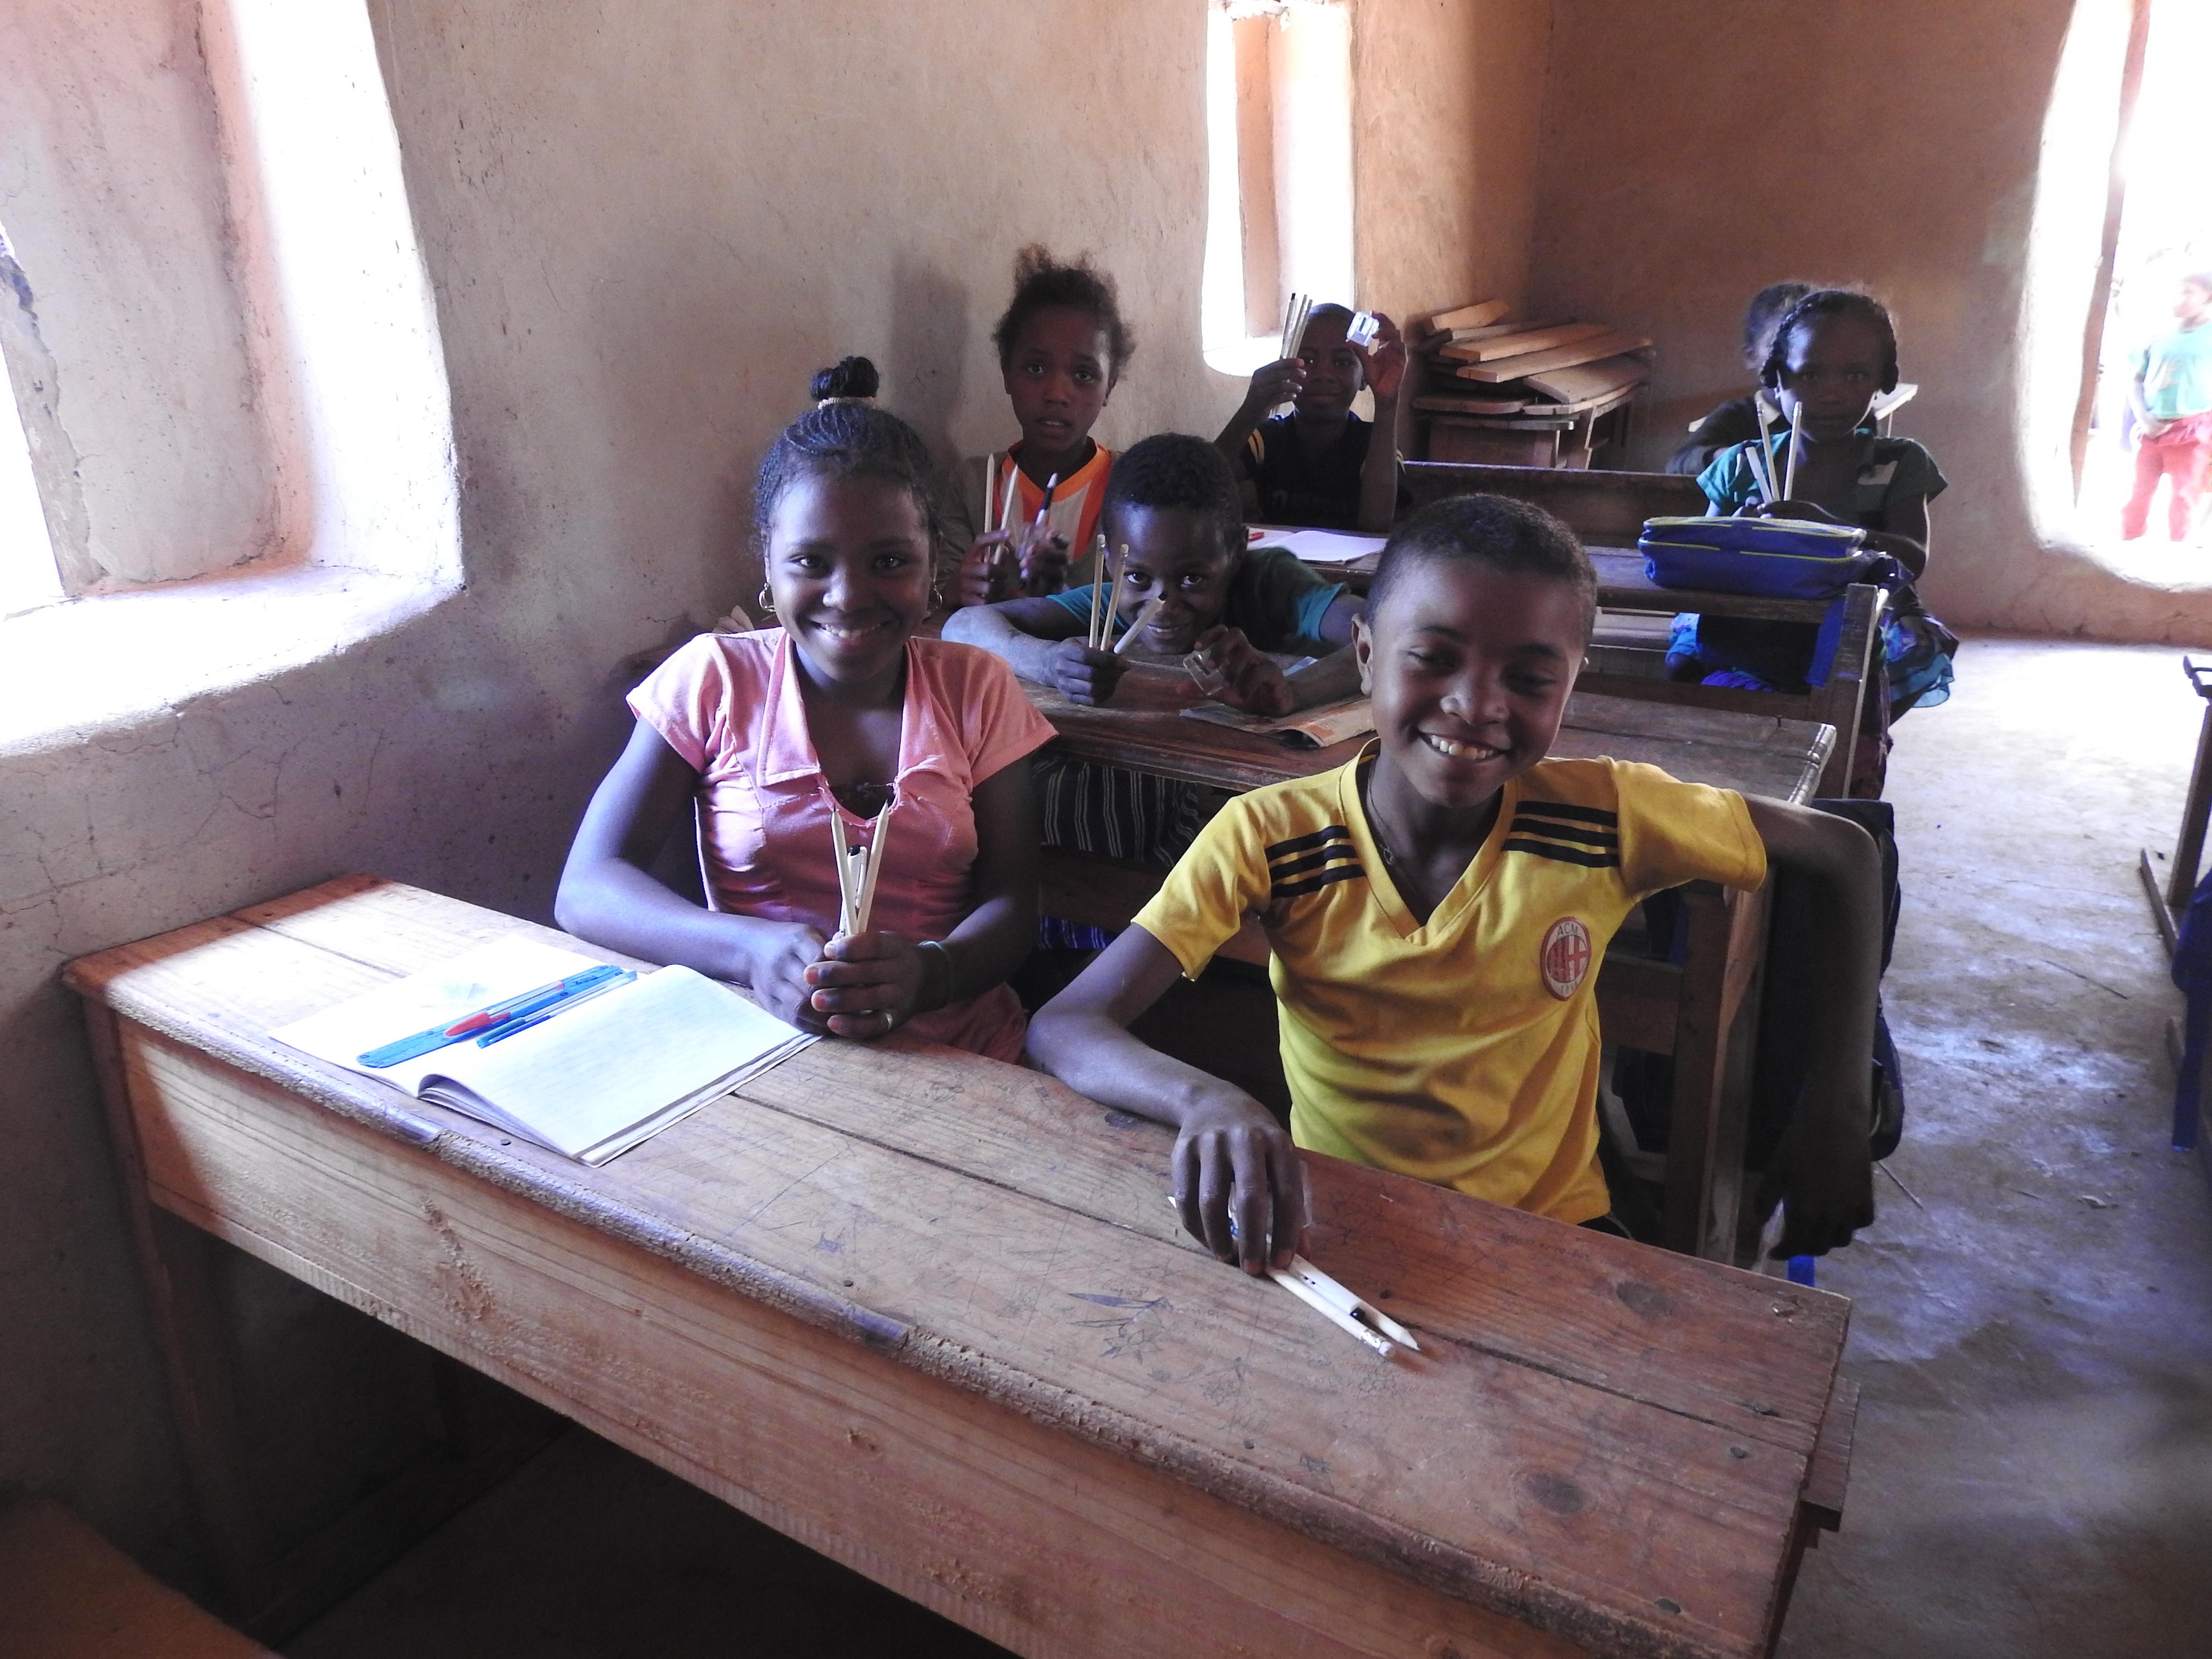 die Kinder freuen sich über verteiltes Schulmaterial